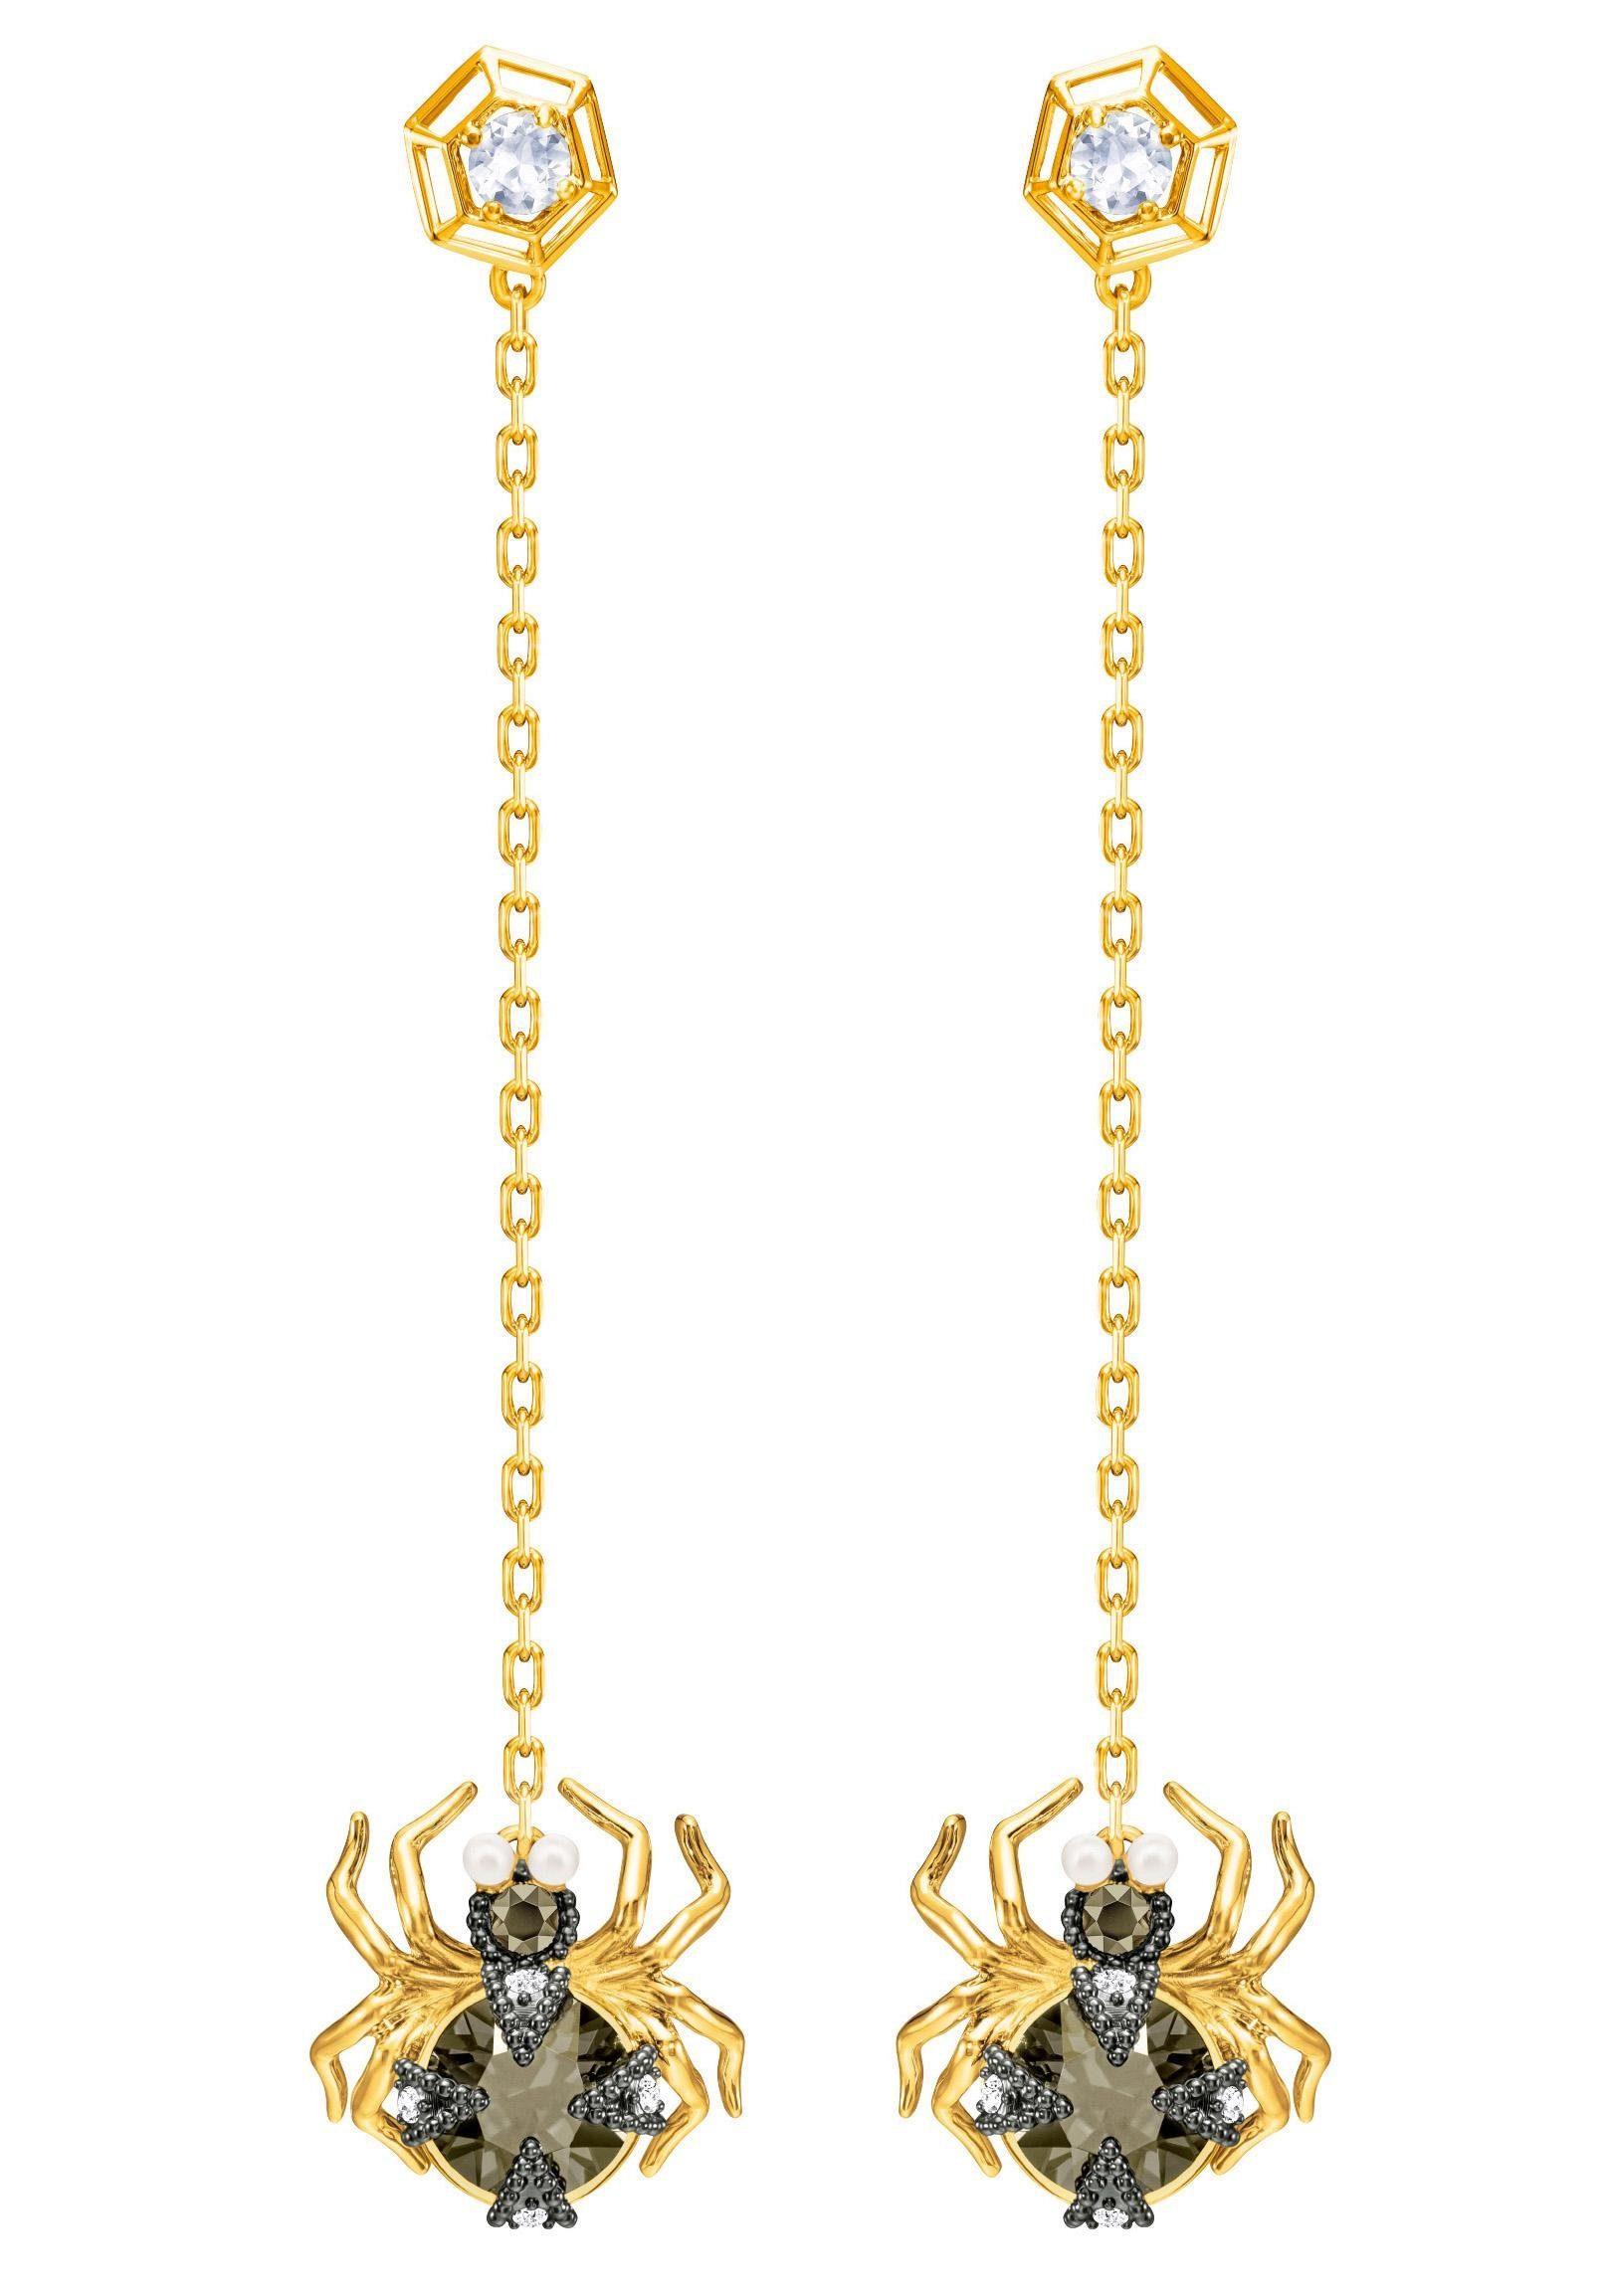 Swarovski Paar Ohrstecker »Magnetic Ohrringe, mehrfarbig, Metallmix, 5412895« mit Swarovski® Kristallen und Swarovski® Perlen